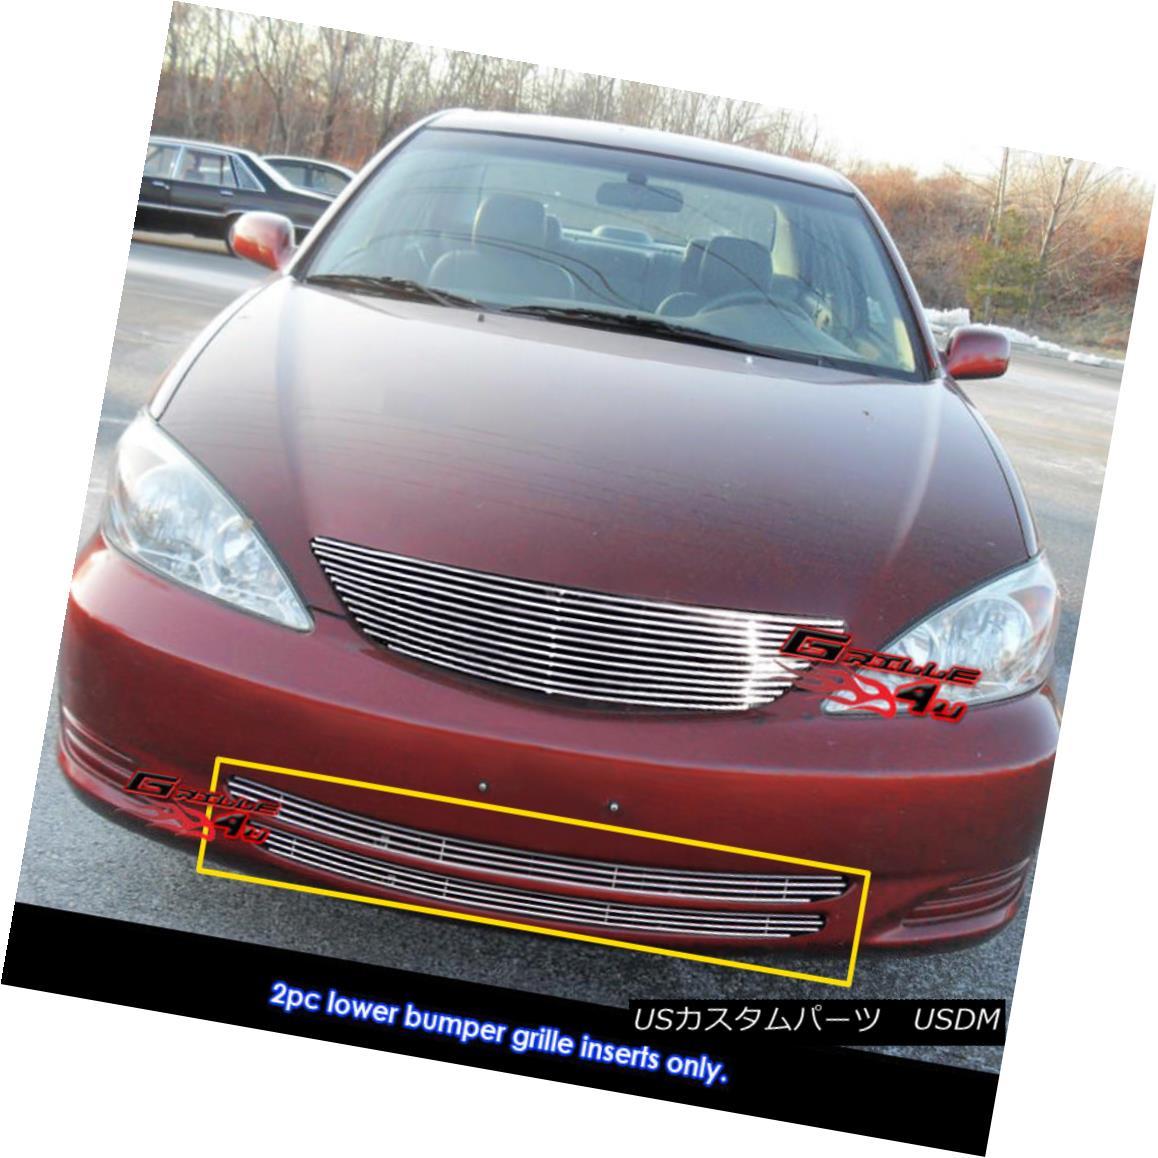 グリル Fits 2002-2004 Toyota Camry Lower Bumper Billet Grille Insert フィット2002-2004トヨタカムリロワーバンパービレットグリルインサート